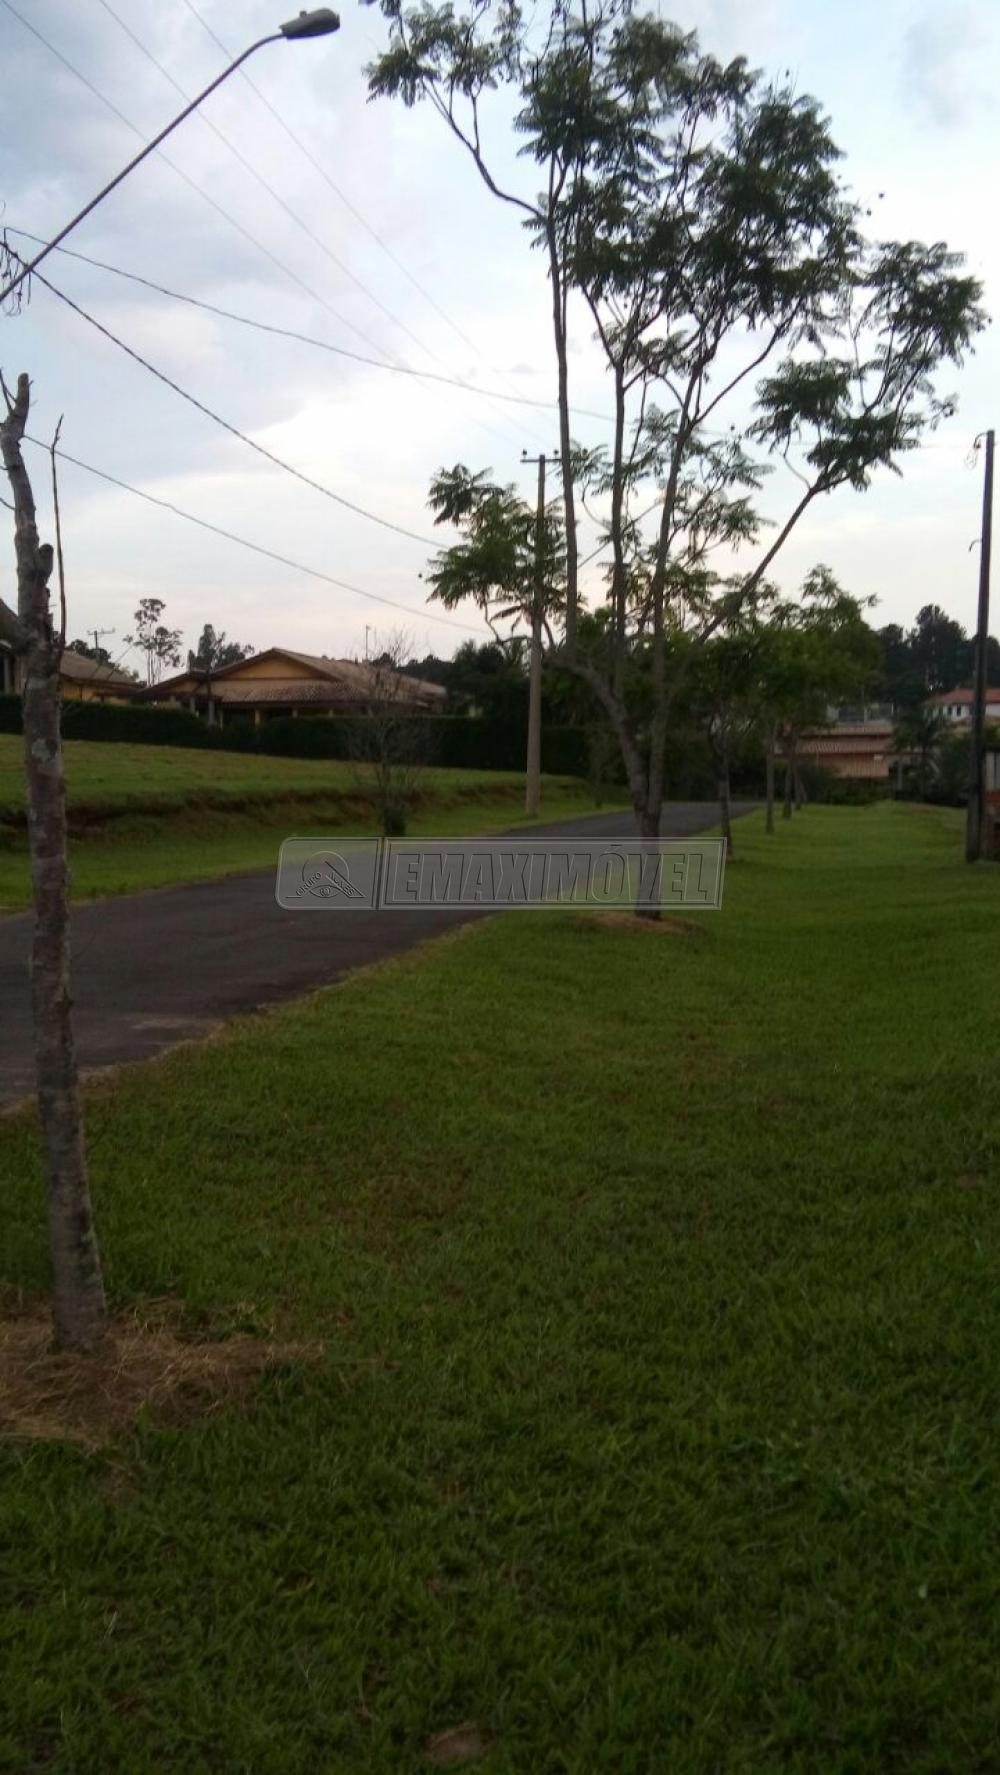 Comprar Terreno / em Condomínios em Sorocaba R$ 180.000,00 - Foto 5